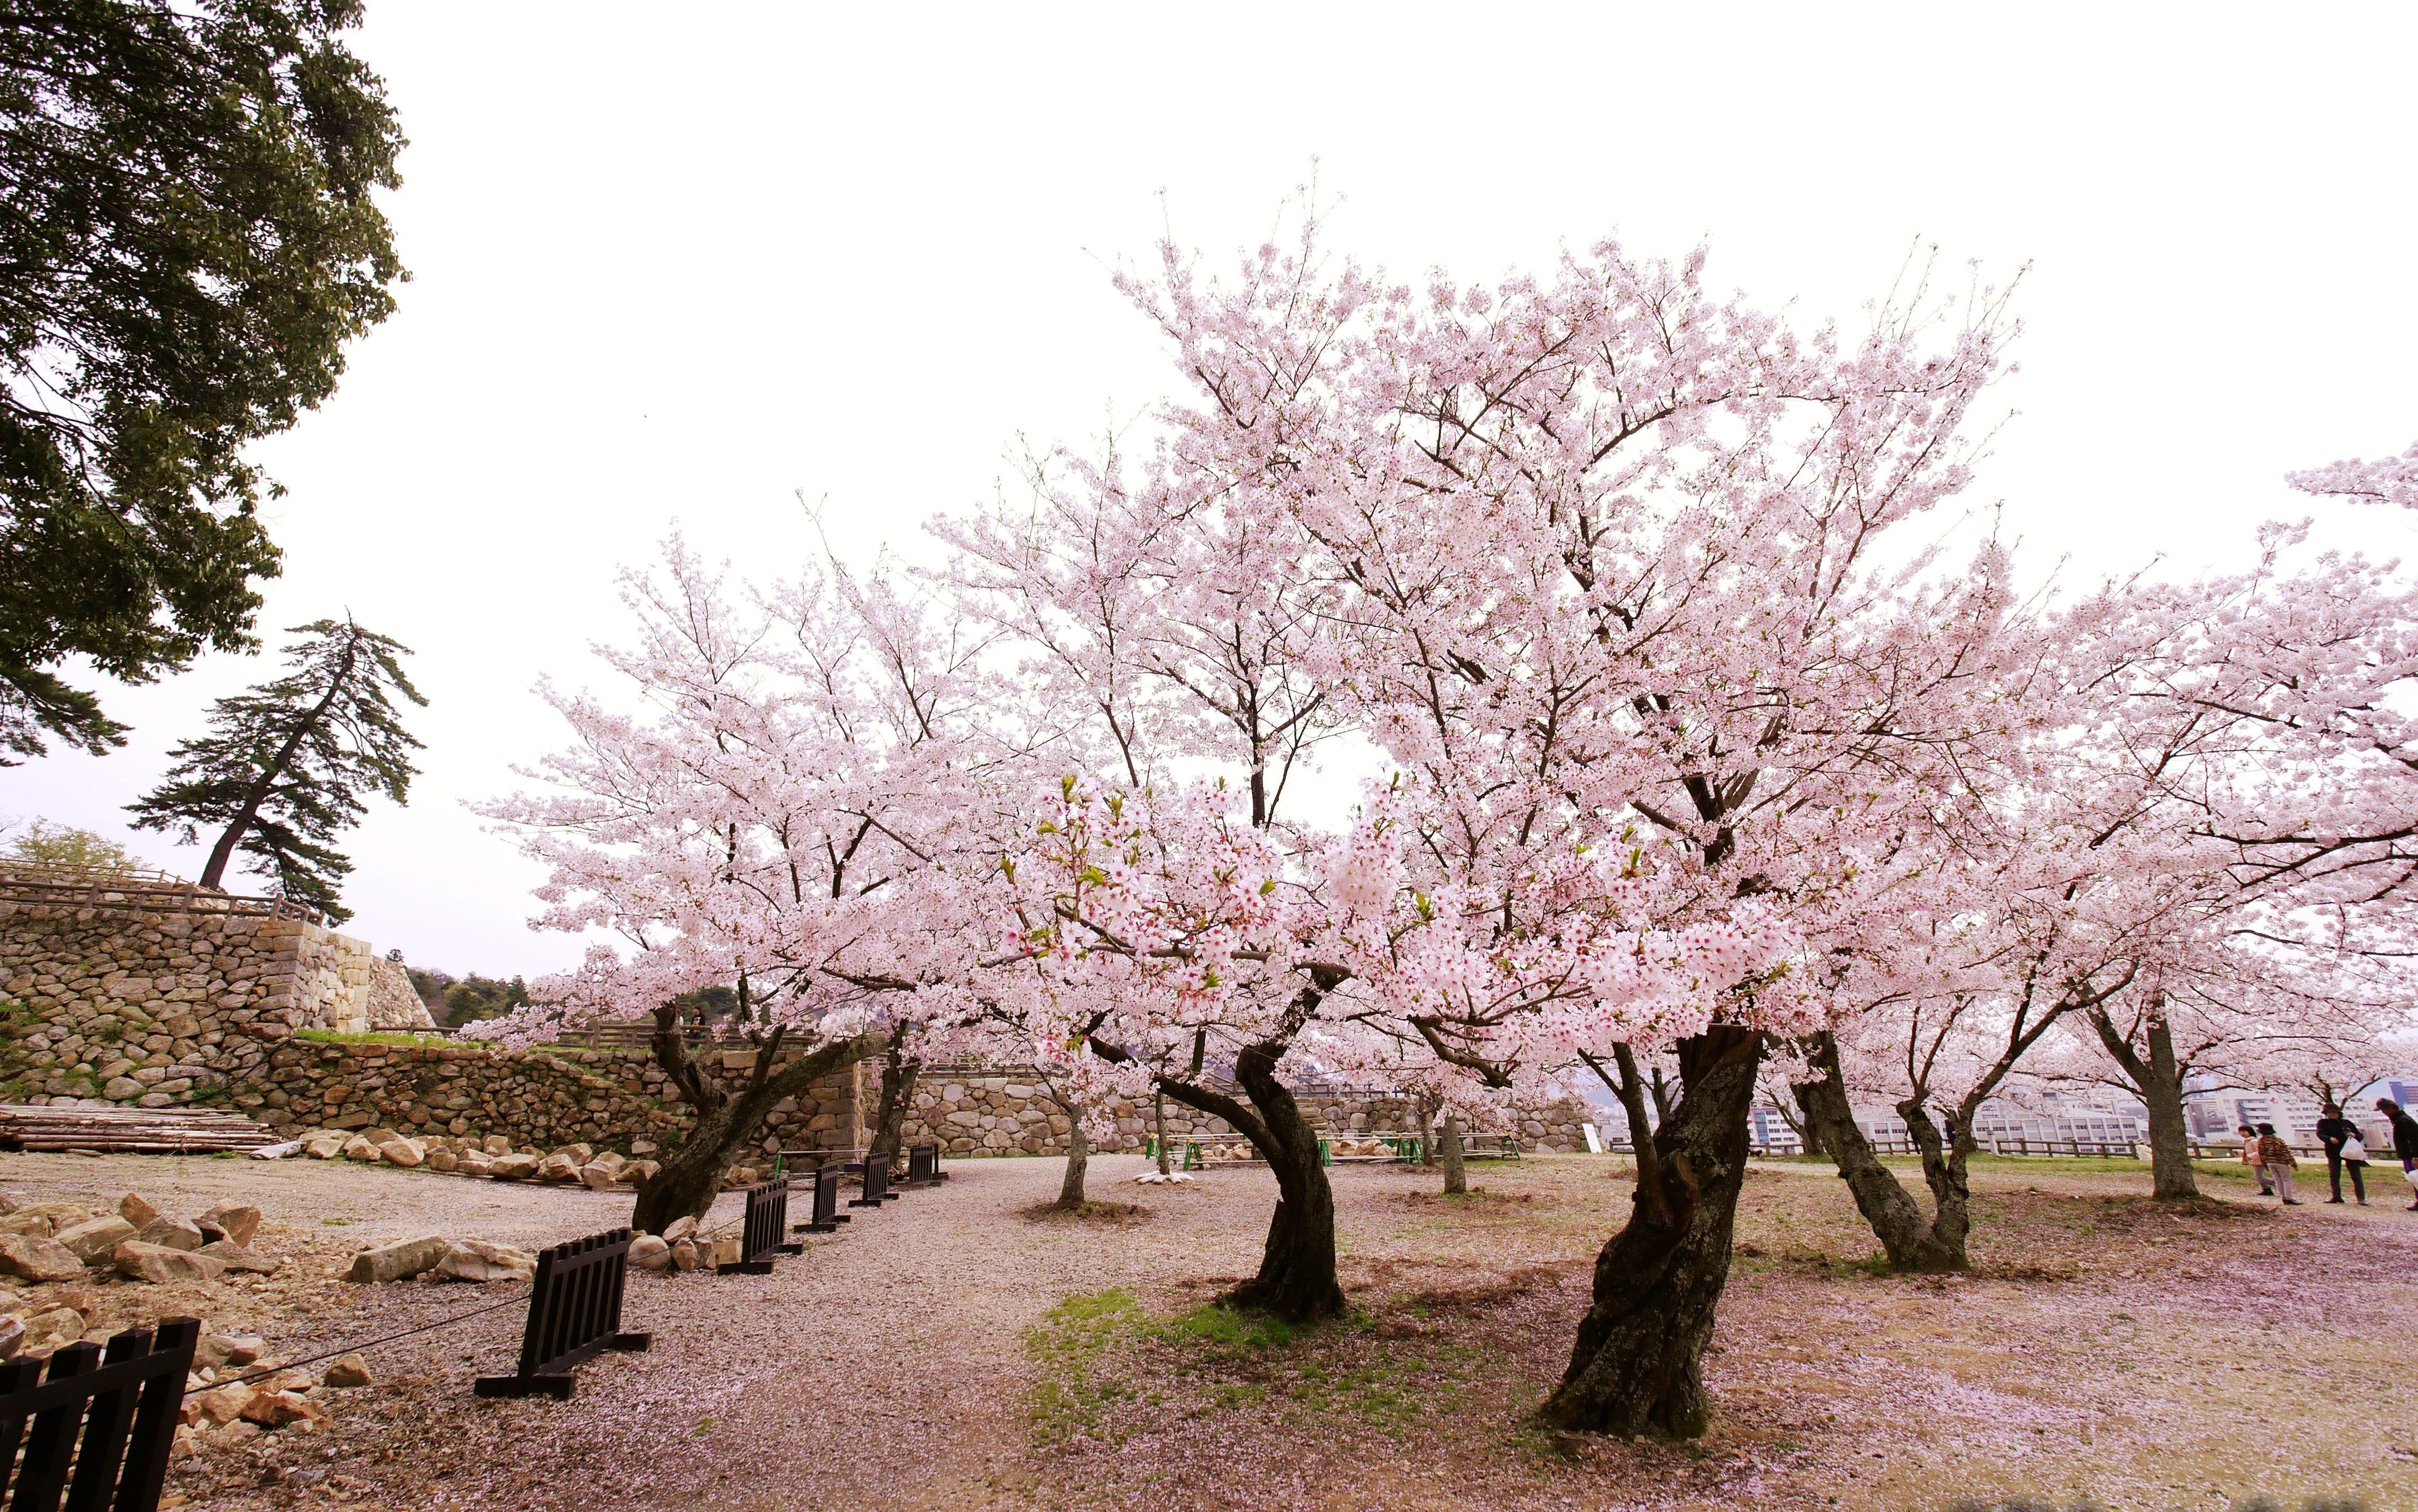 【日本中國】島根、鳥取、岡山、廣島、山口 賞櫻五大名所